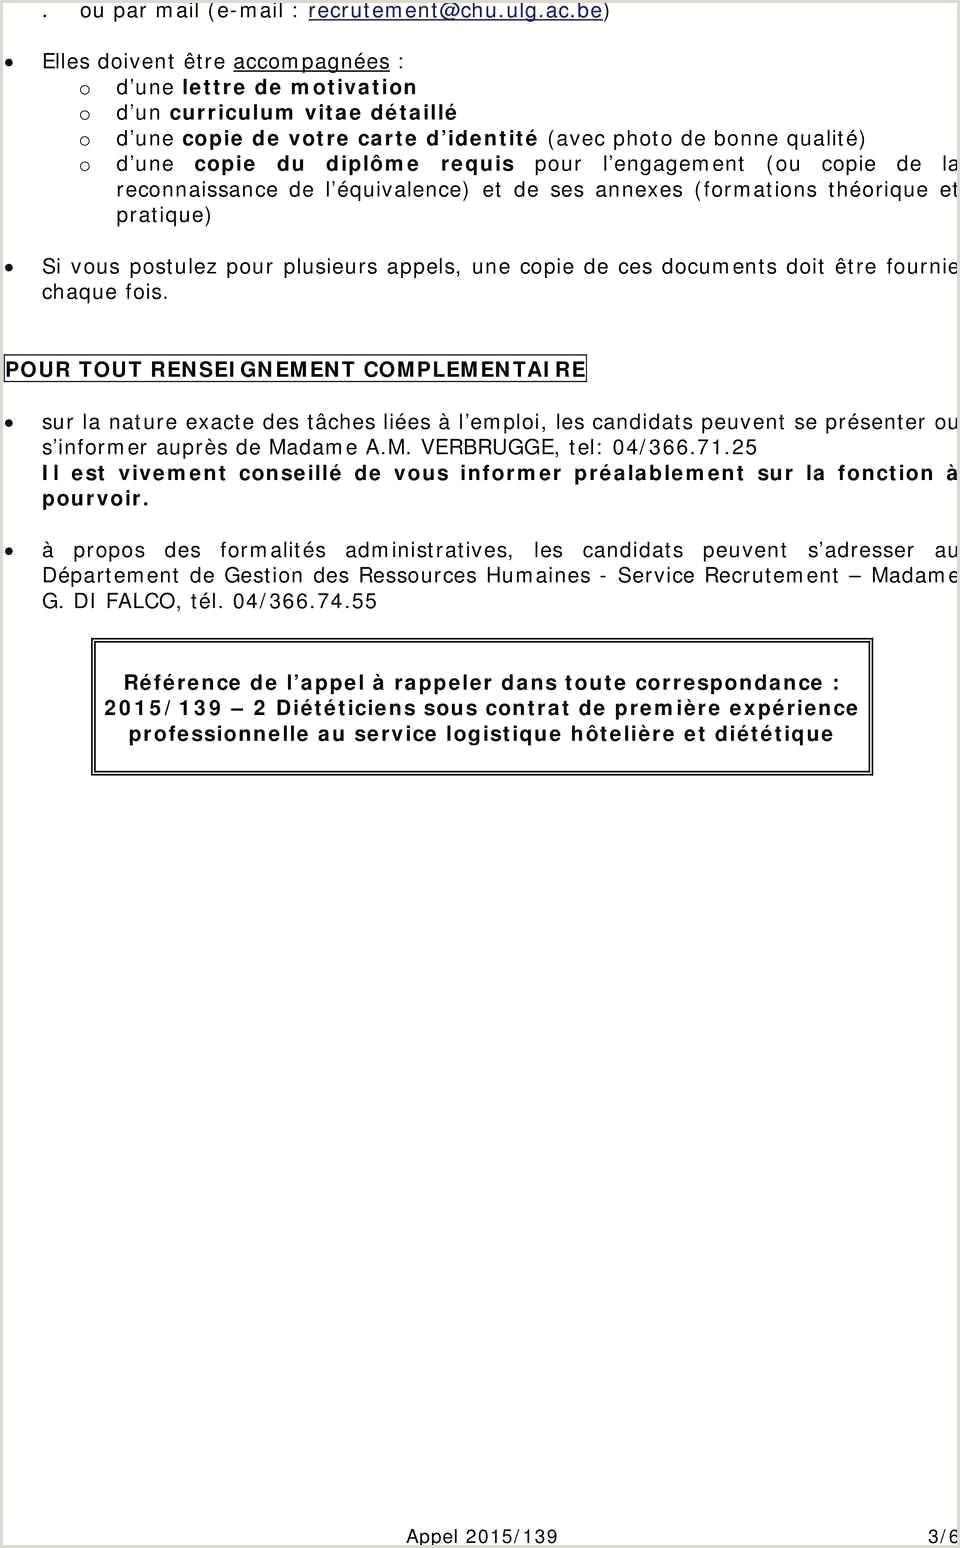 Exemple De Cv Word Professionnel Exemple De Lettre En Word Les Meilleur Modele Cv Aide